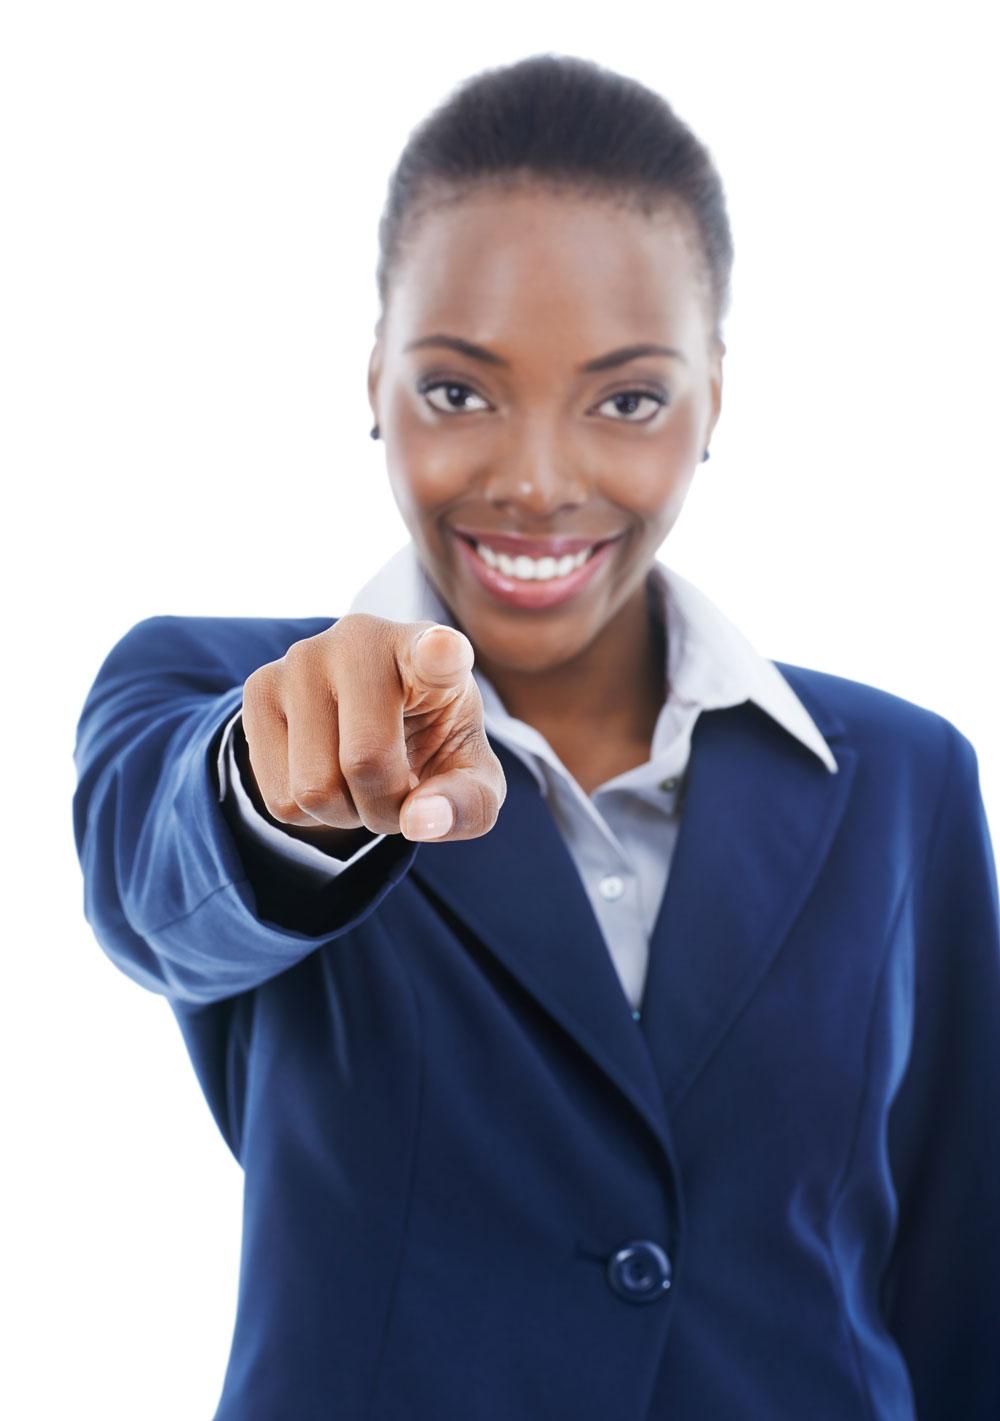 NEO est en permanence à la recherche de personnalités à l'esprit entrepreneurial, motivées et dynamiques qui agiront en véritable ambassadeur